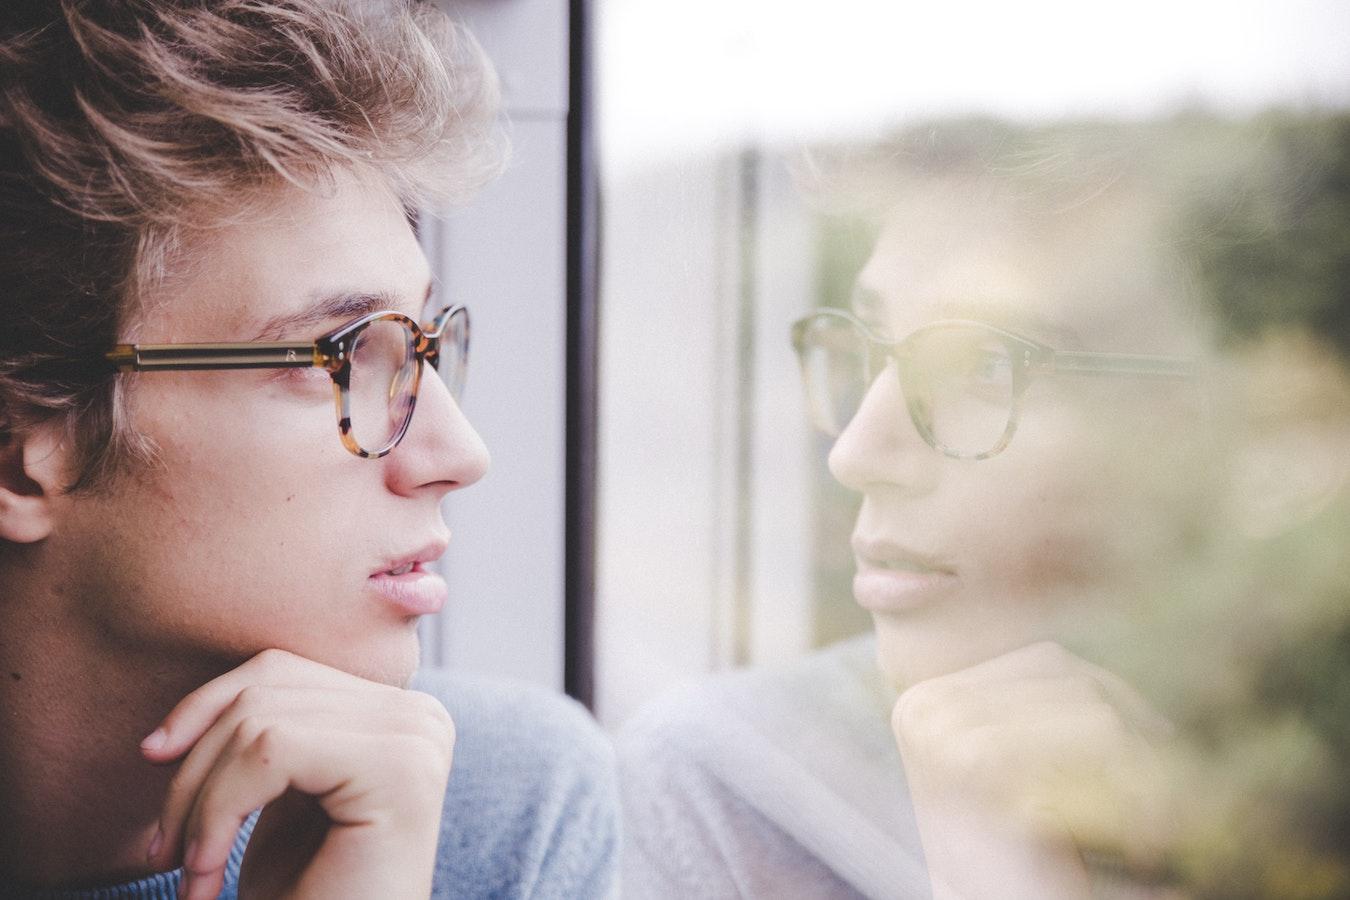 junger Mann schaut sein Spiegelbild im Fenster an und denkt nach